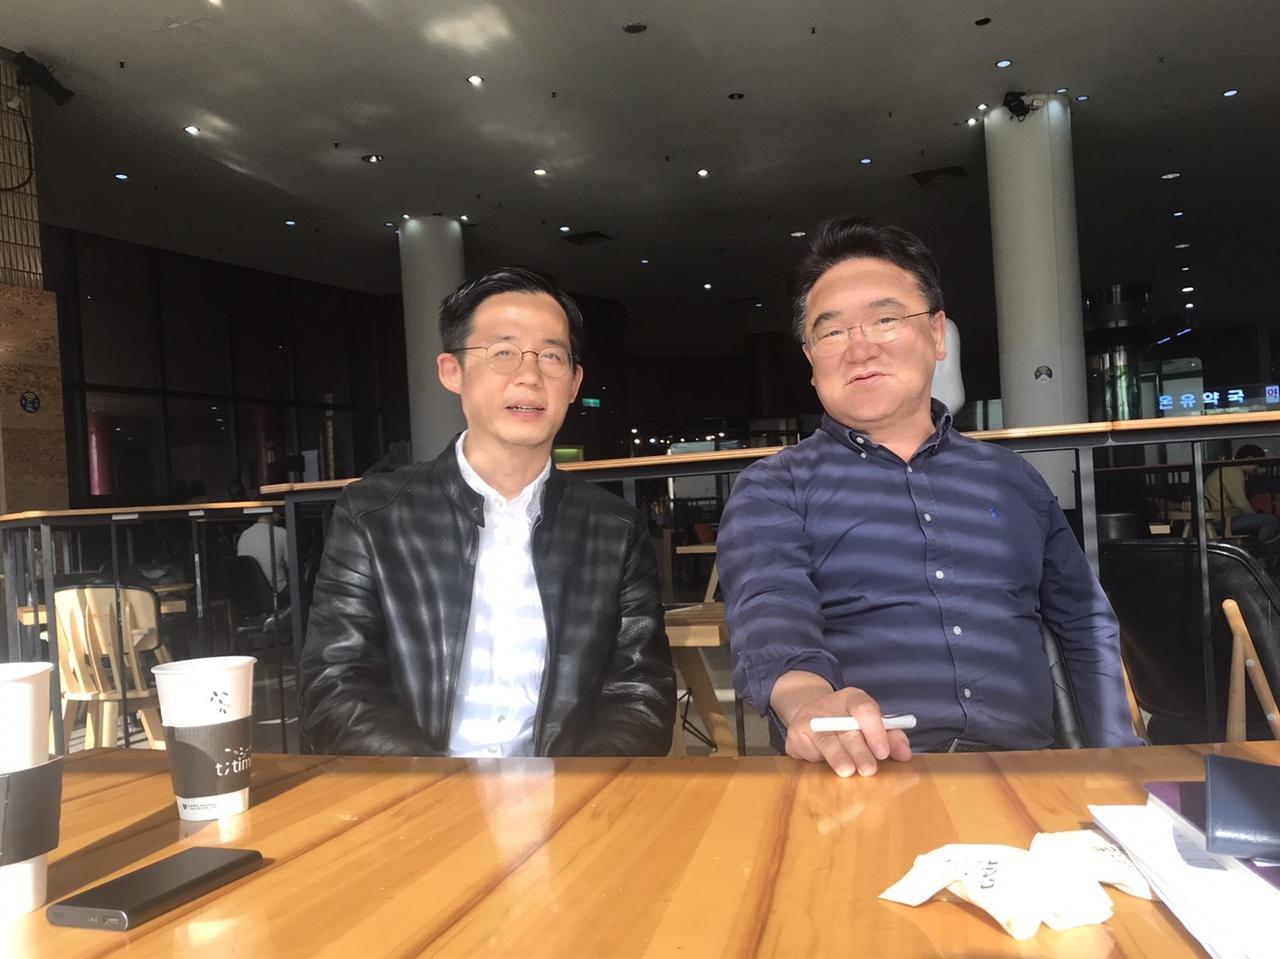 KBS <다큐 인사이트> 제작진인 이태웅 PD(좌), 이재오 부장(우)